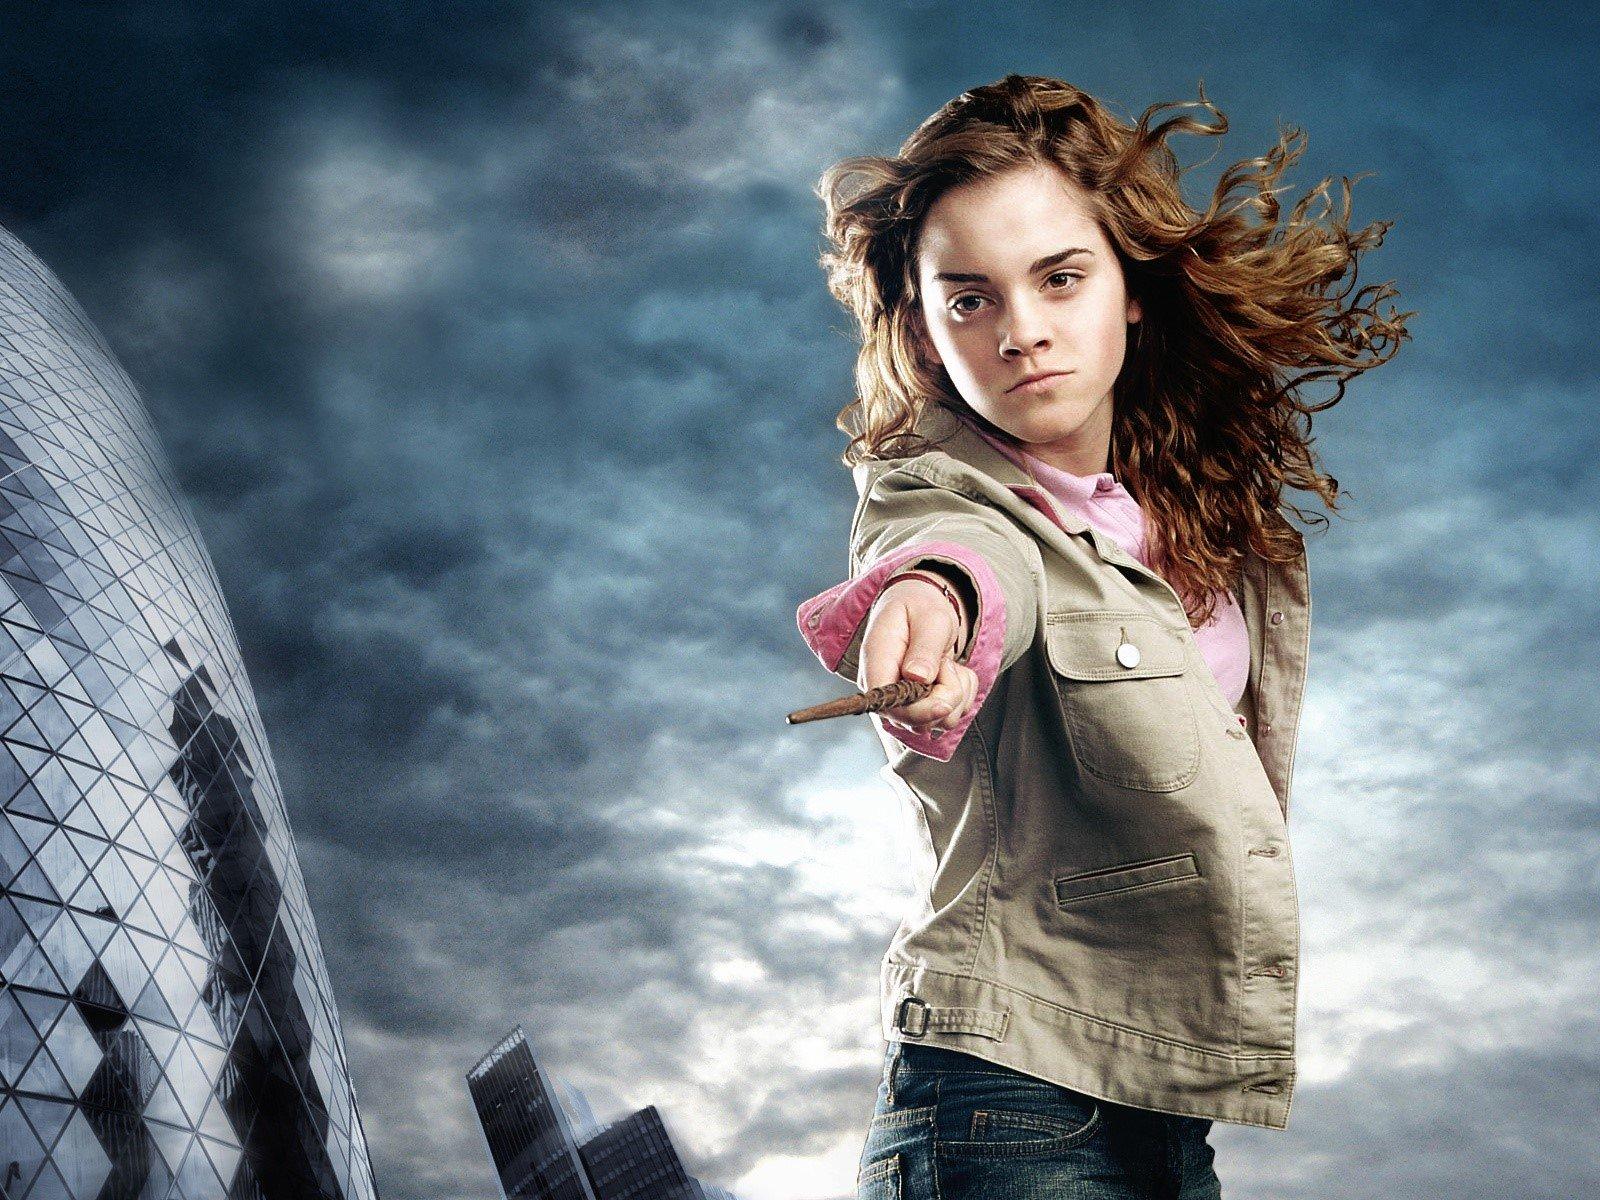 Wallpaper Hermionen Granger